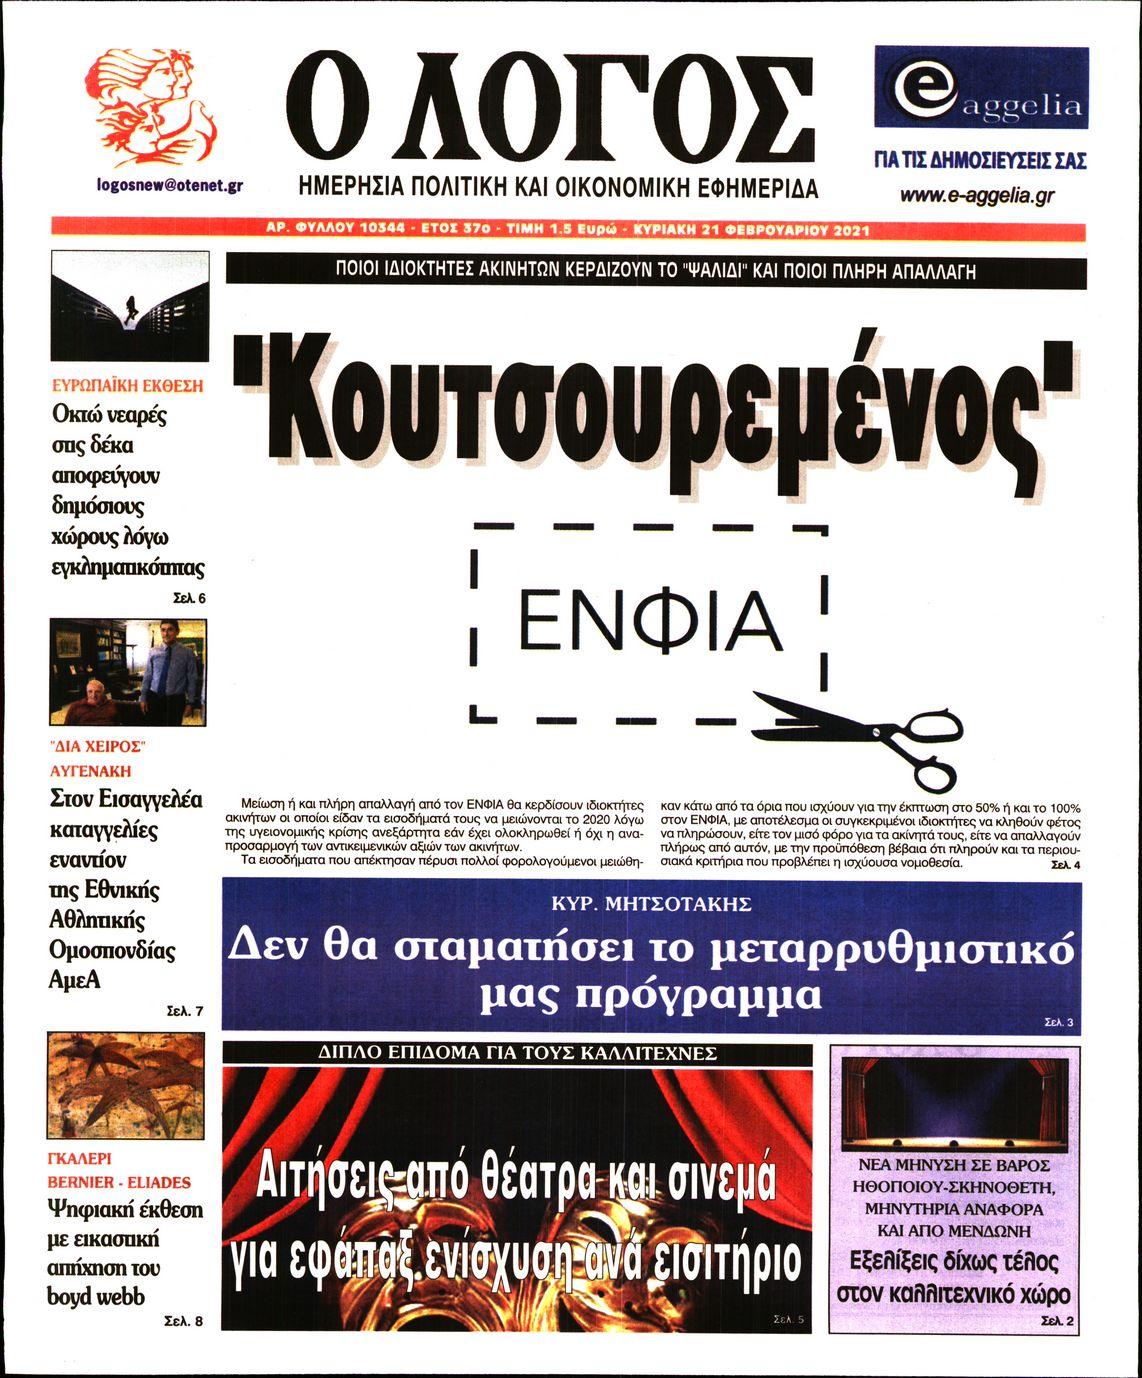 https://www.newsbeast.gr/files/1/newspapers/2021/02/21/27908552_186.jpg